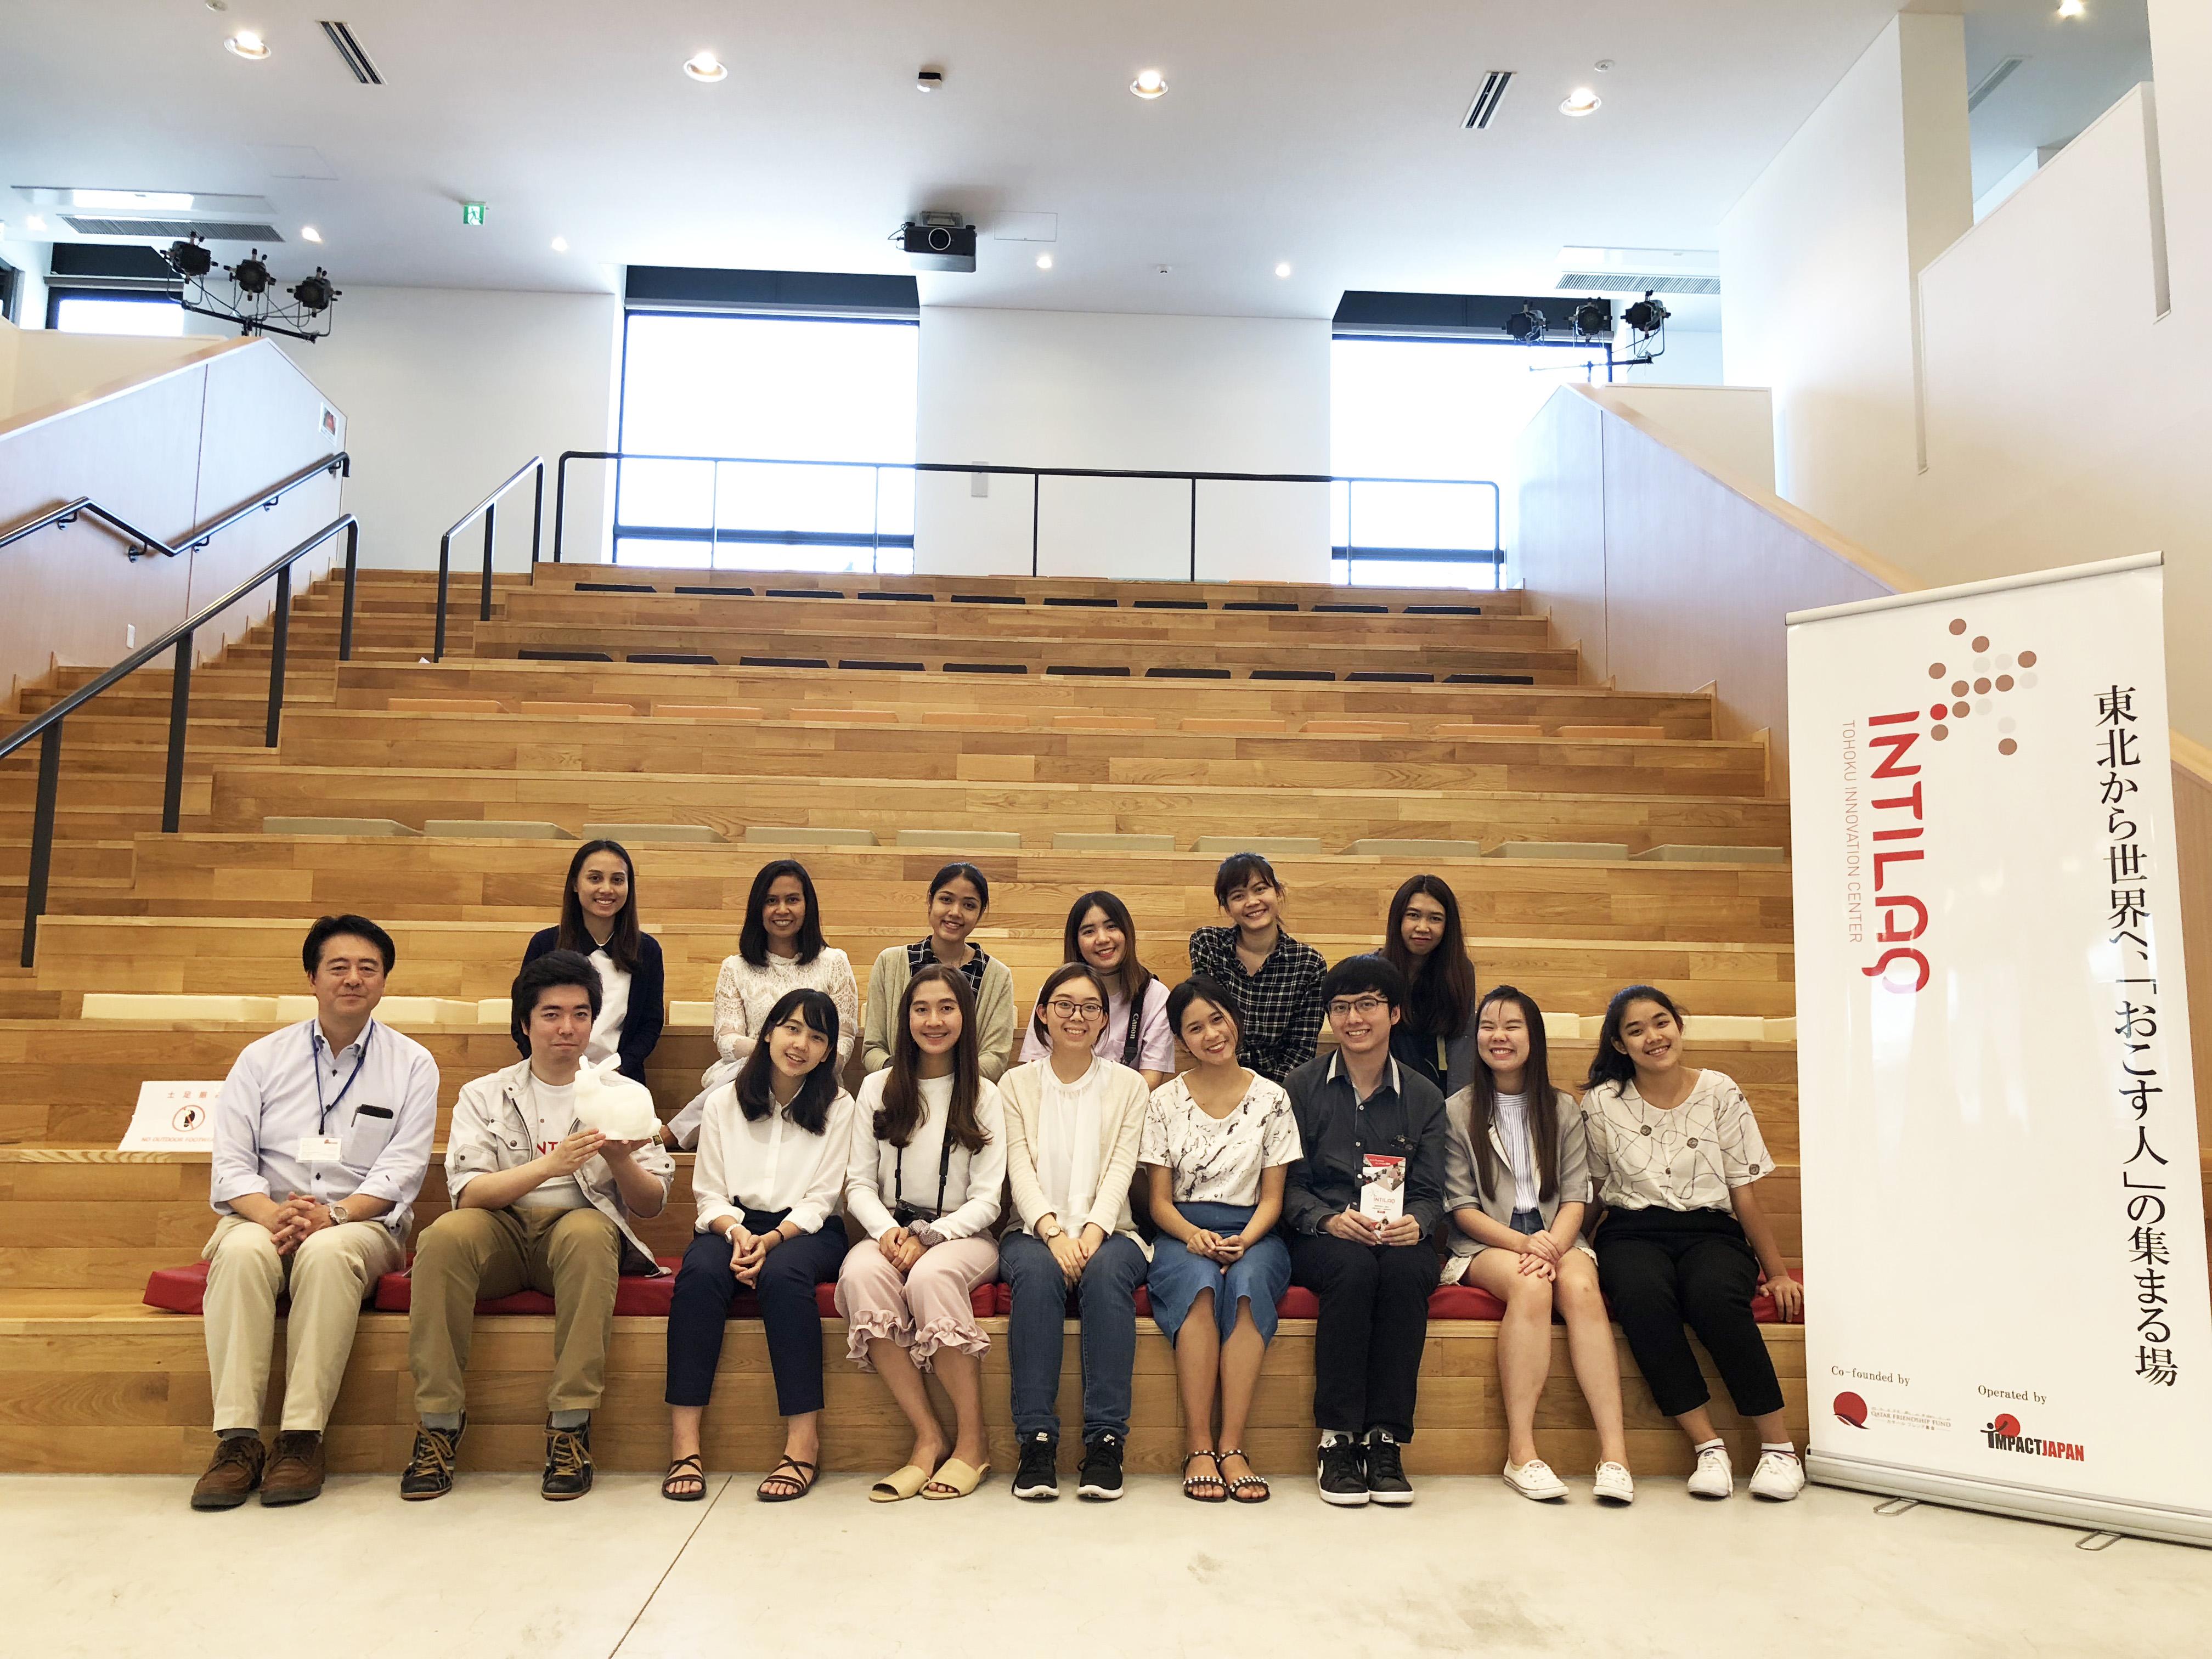 タイ チュラロンコン大学の学生の皆様においでいただきました